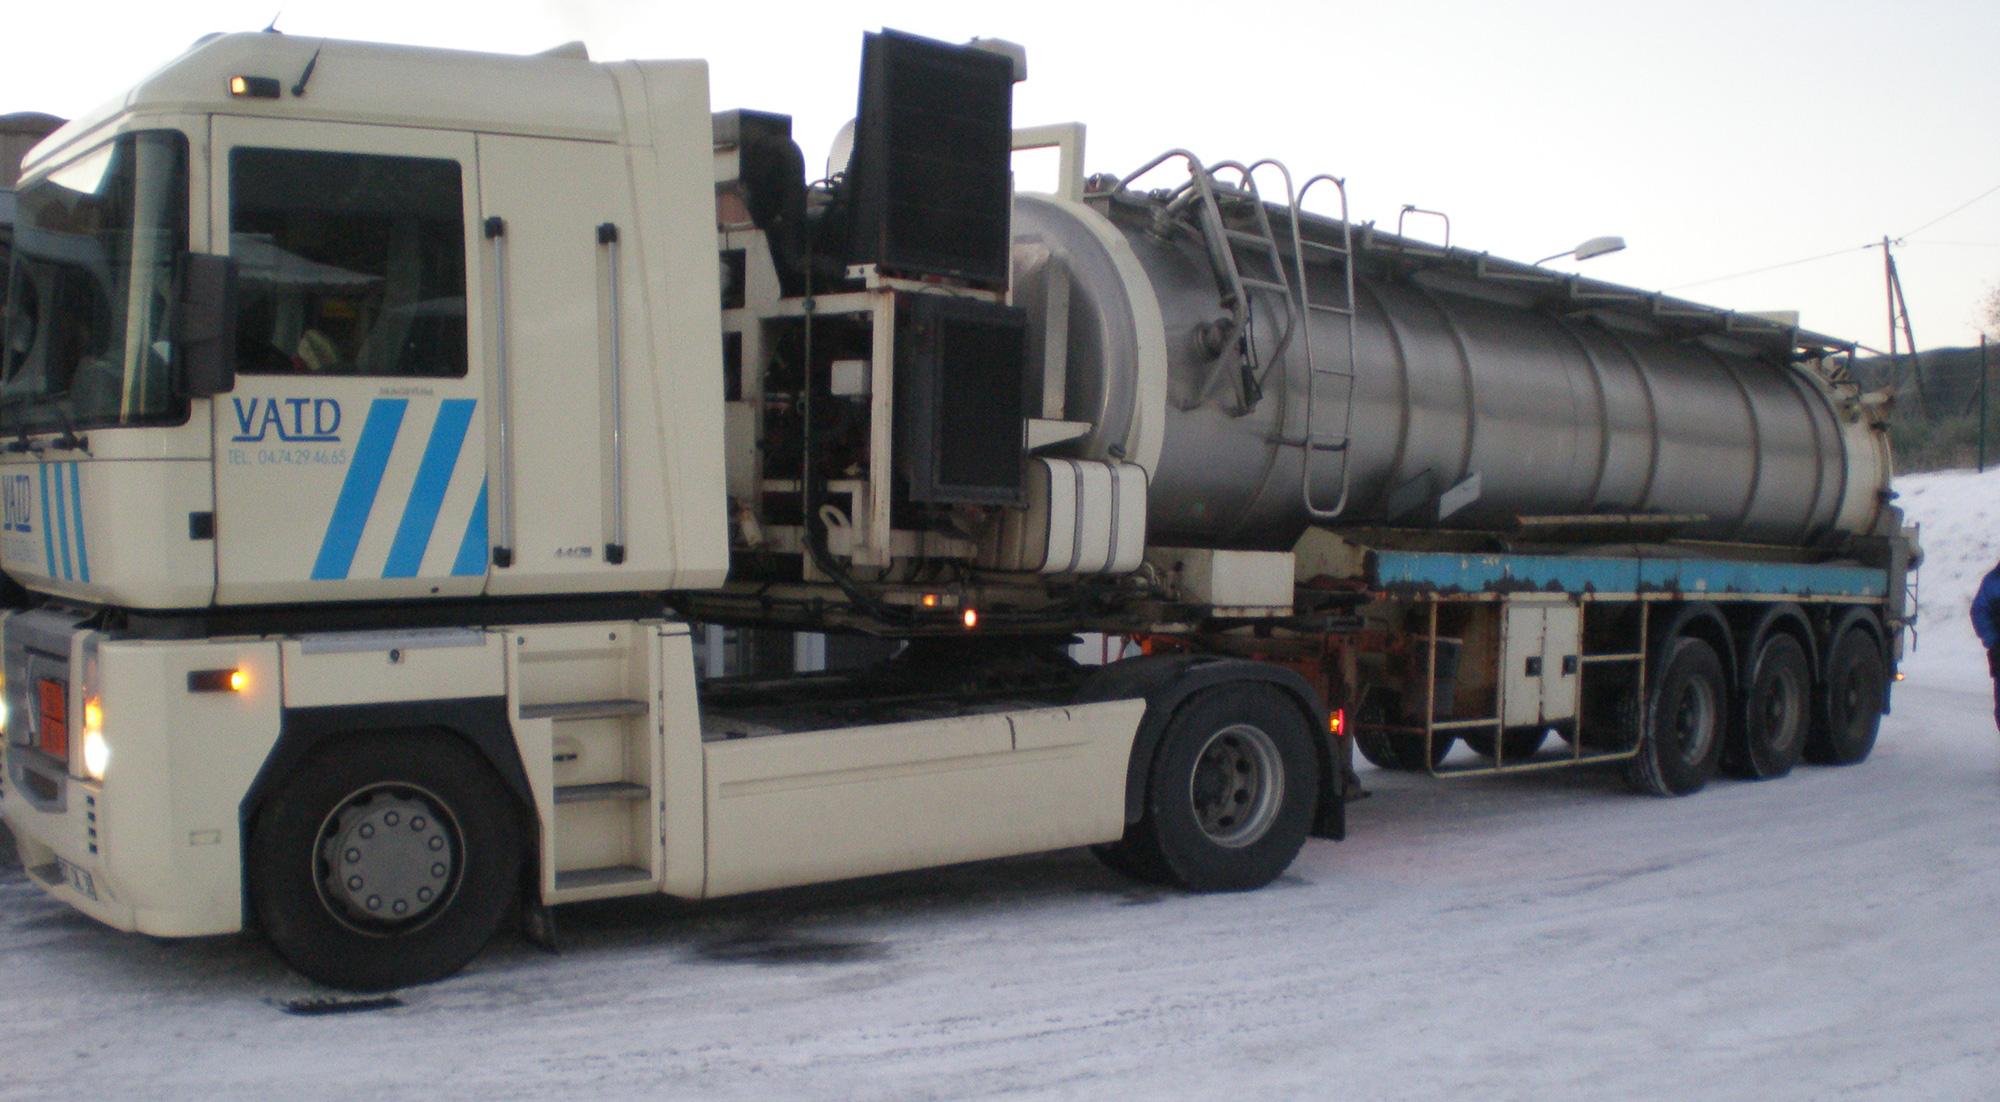 transports déchets industriels boueux VATD